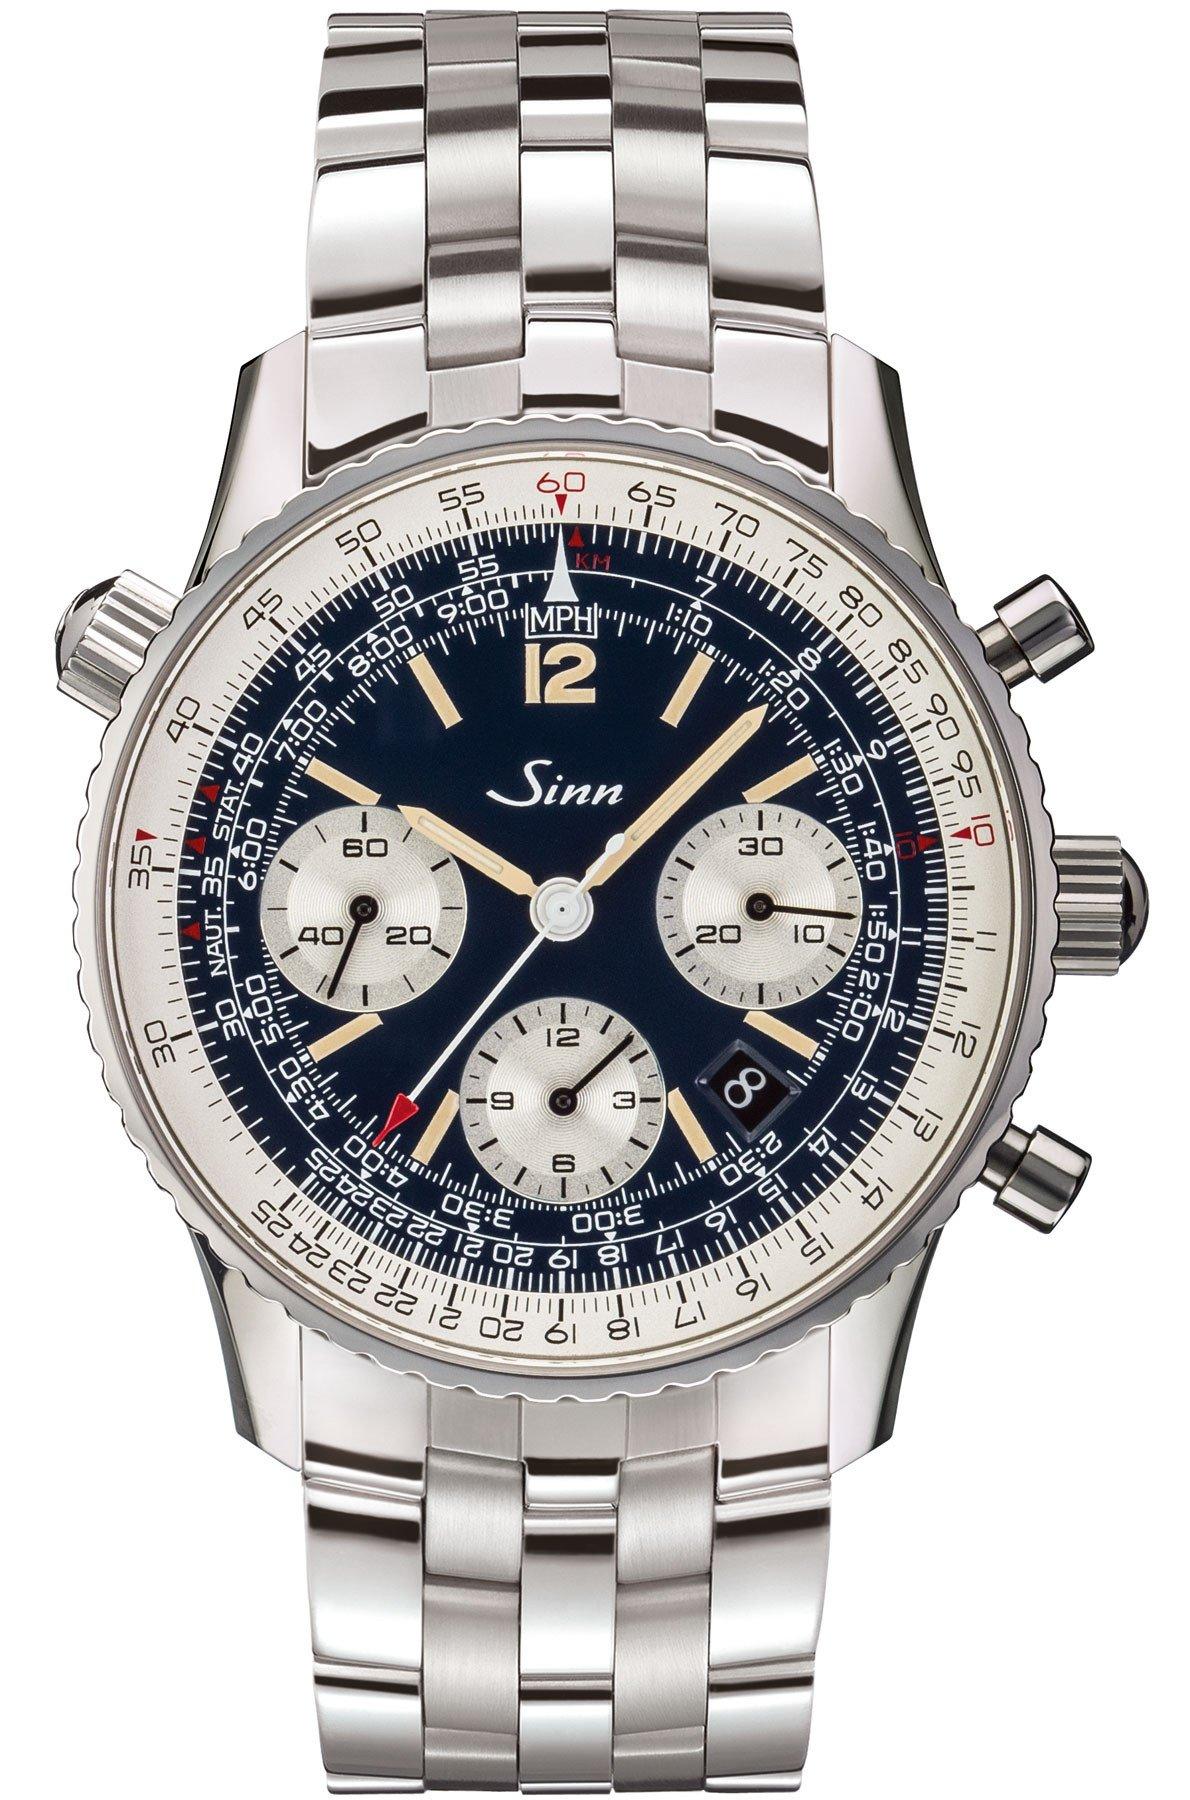 sn-356-sinn-watch-903-st-b-e-steel-903-st-b-e-steel.jpg